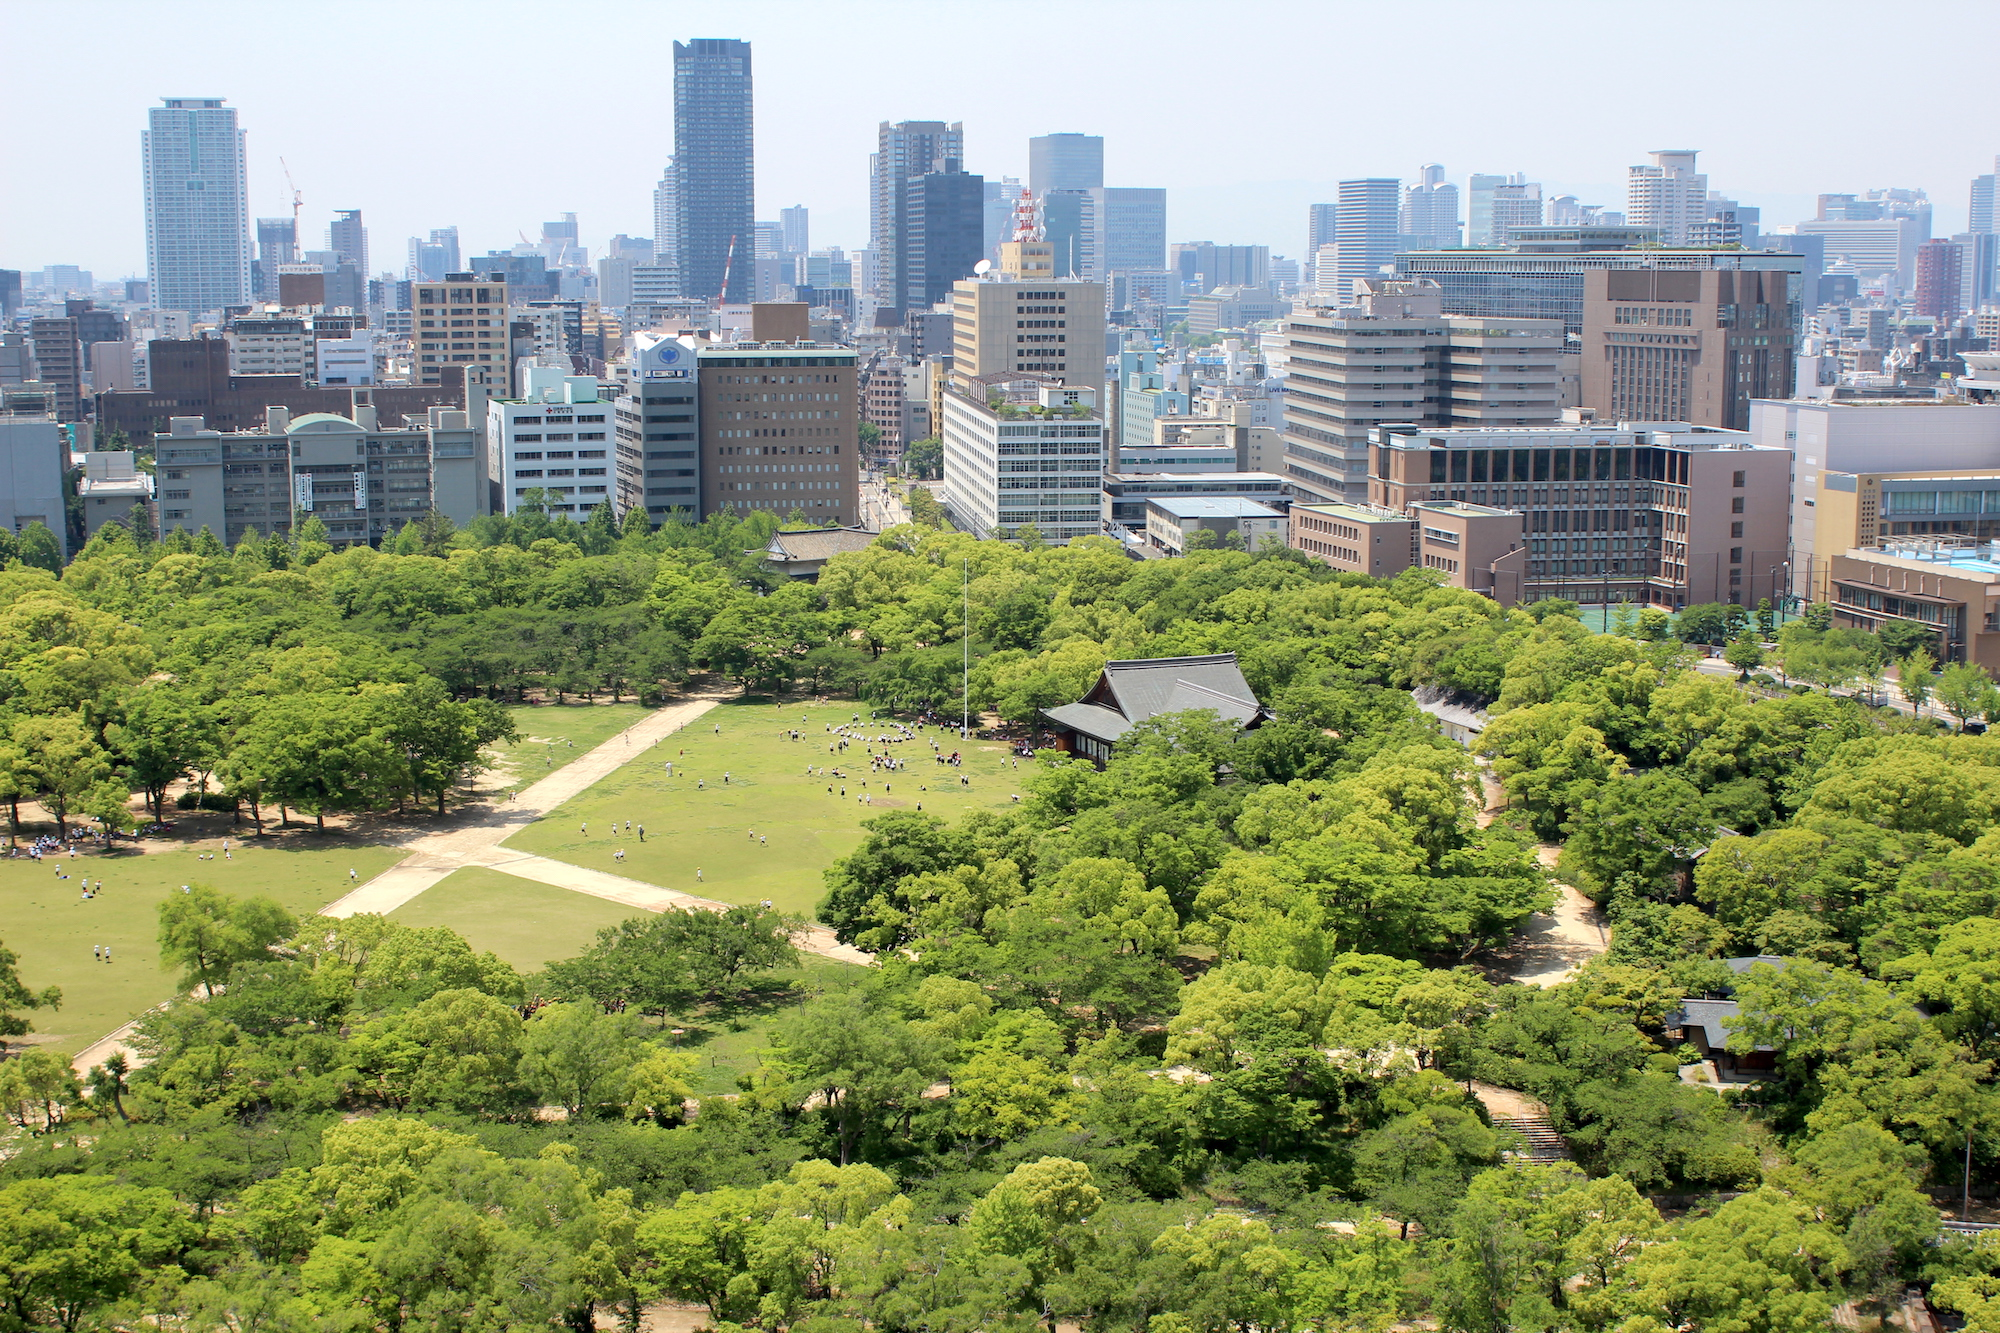 Large public park in Japan